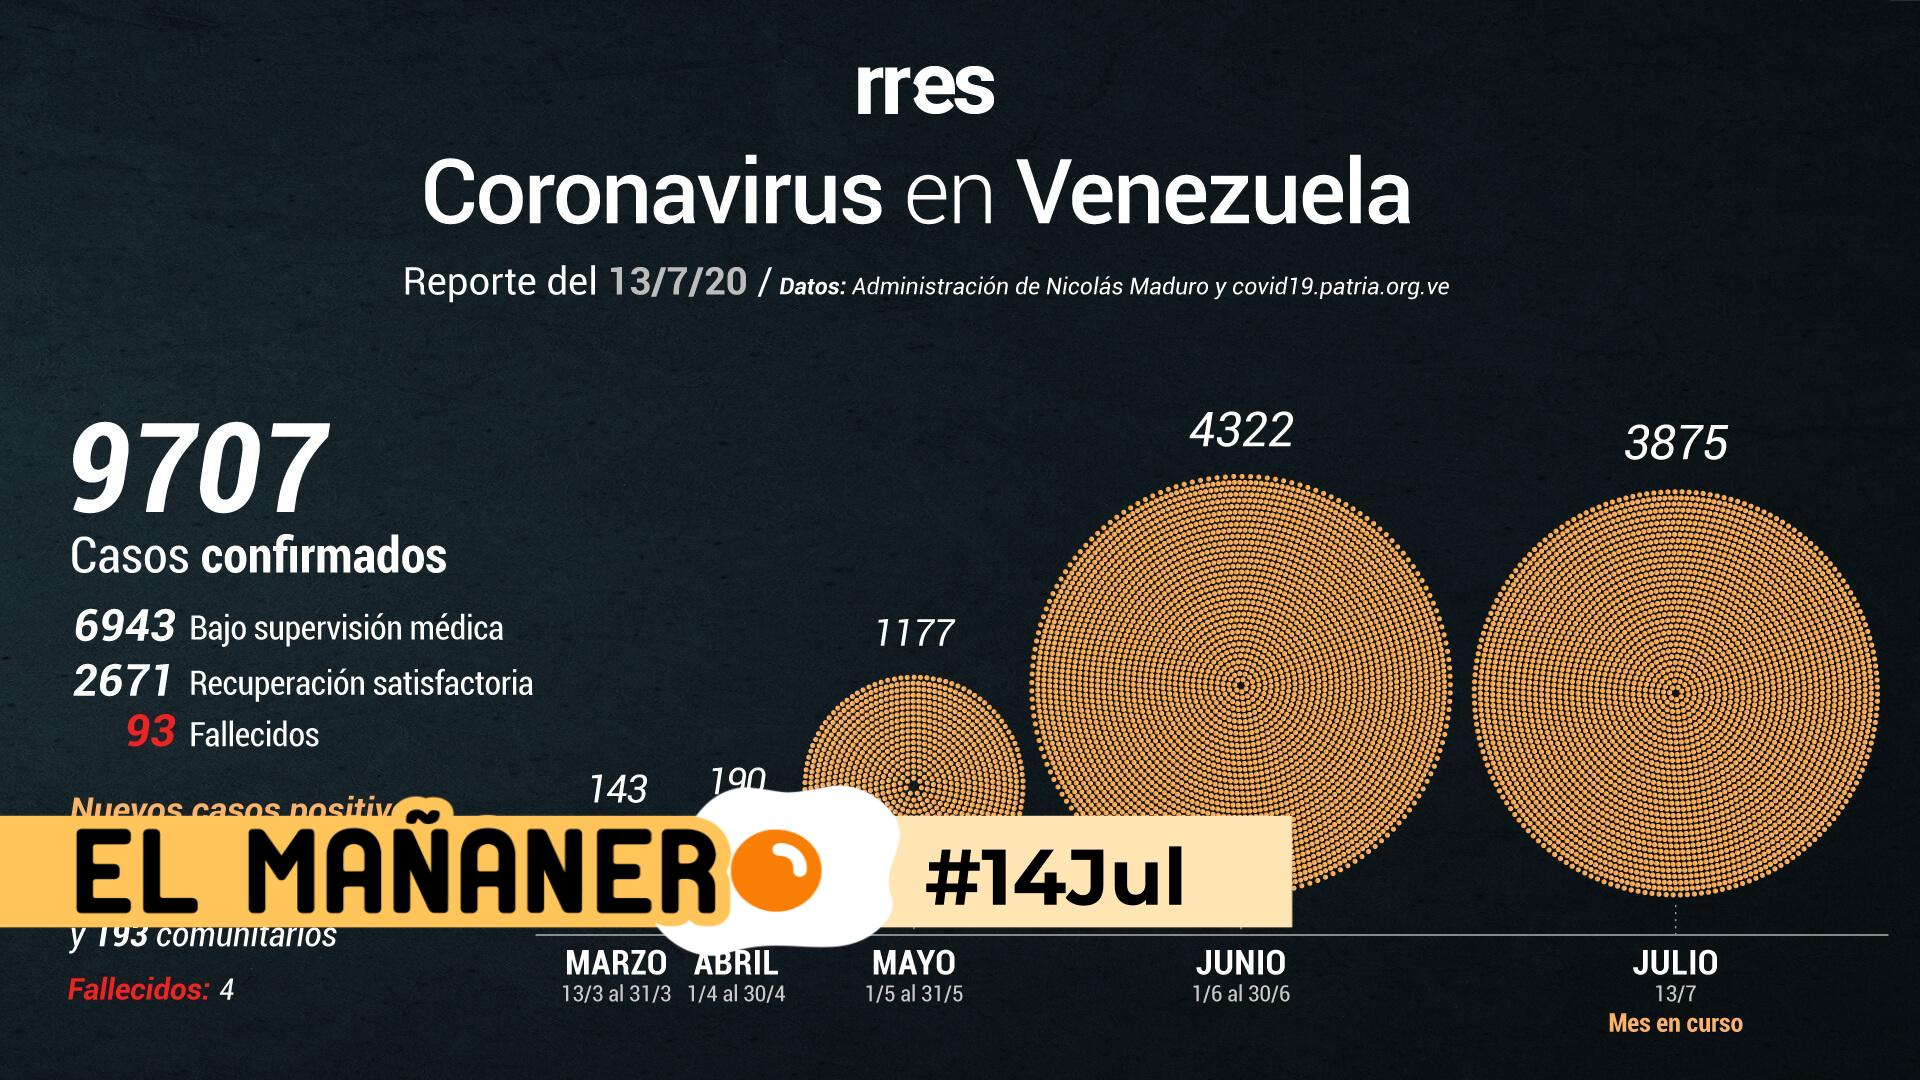 El Mañanero de hoy #14Jul: Las 8 noticias que debes saber